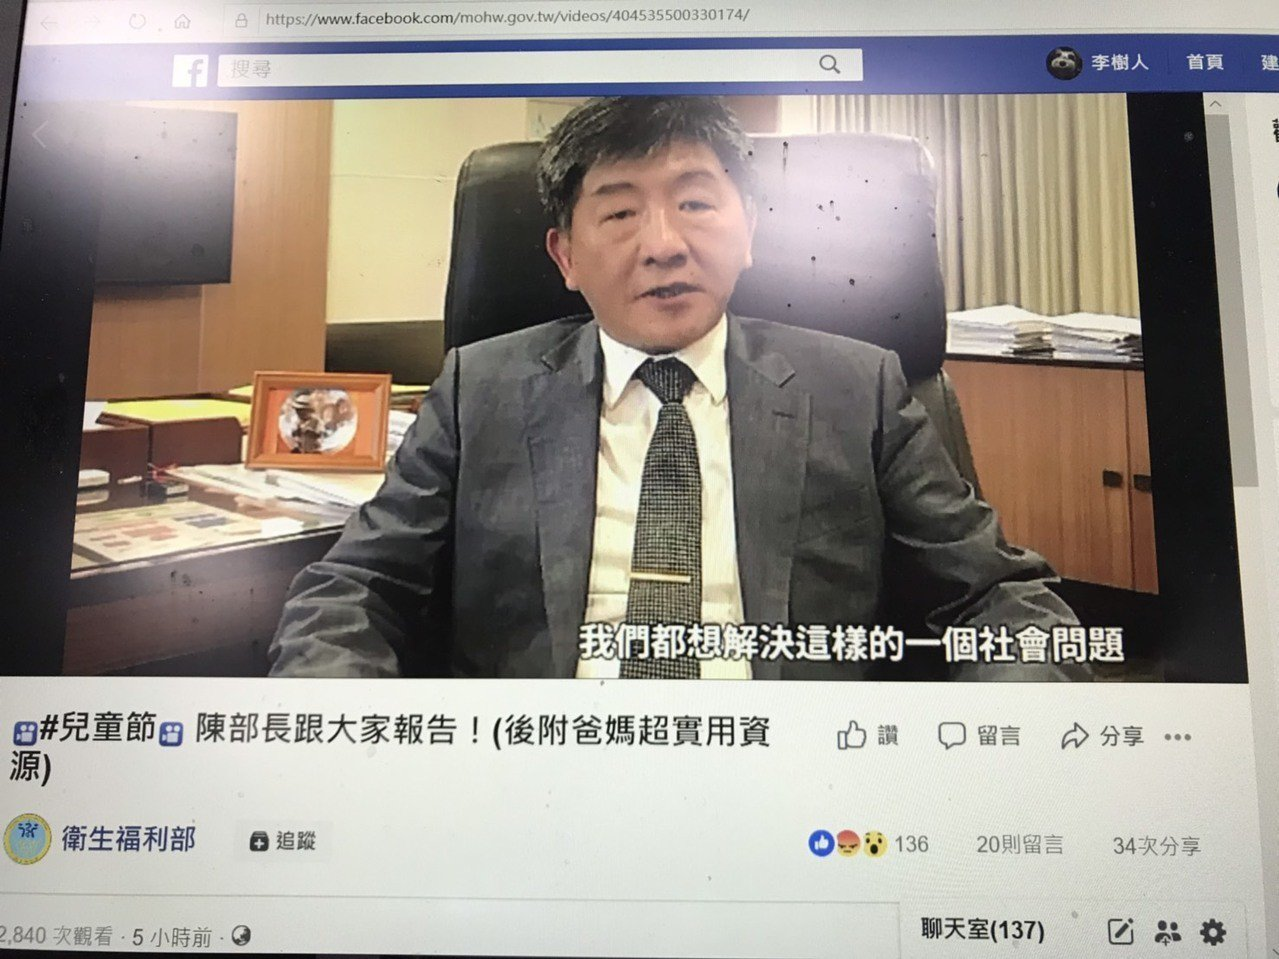 今天是兒童節,衛福部長陳時中以阿公的身分,透過臉書直播平台,講述兒少法修法後對於...